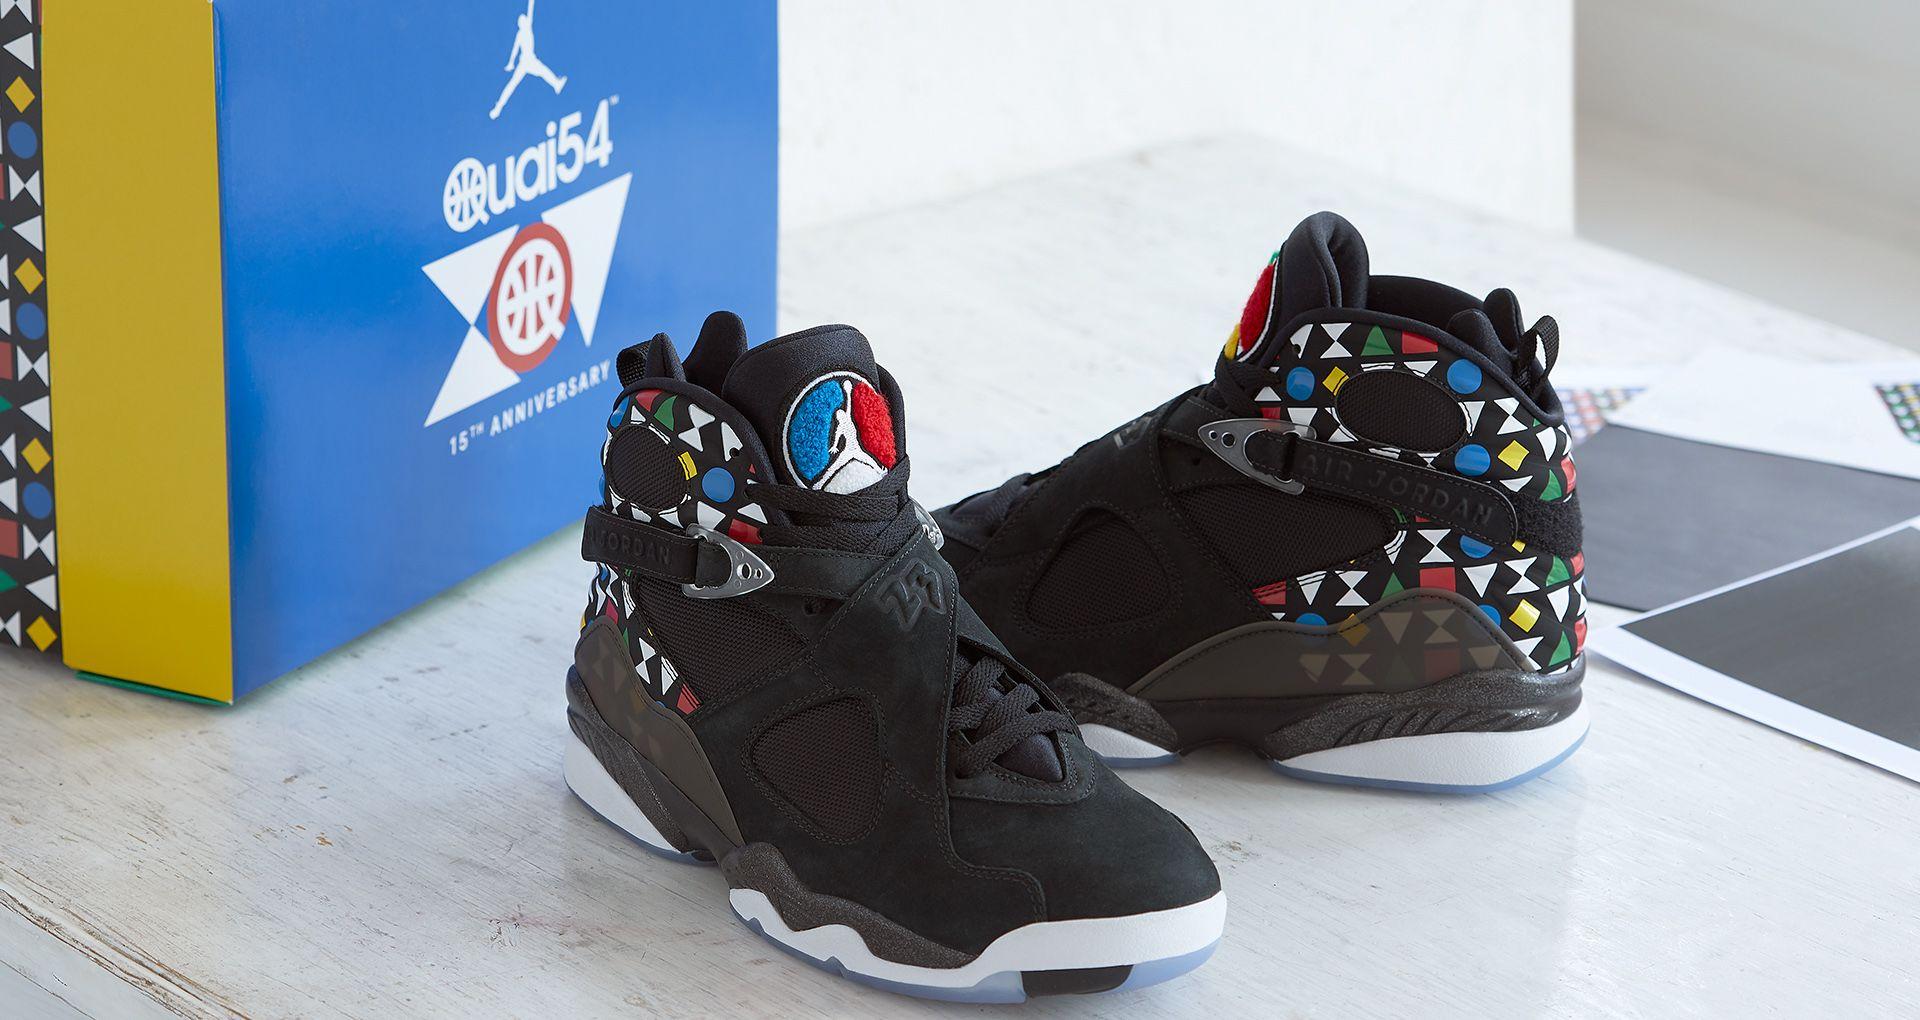 new style 07ec7 8560b Behind The Design: Air Jordan 8 'QUAI 54'. Nike+ Launch FI